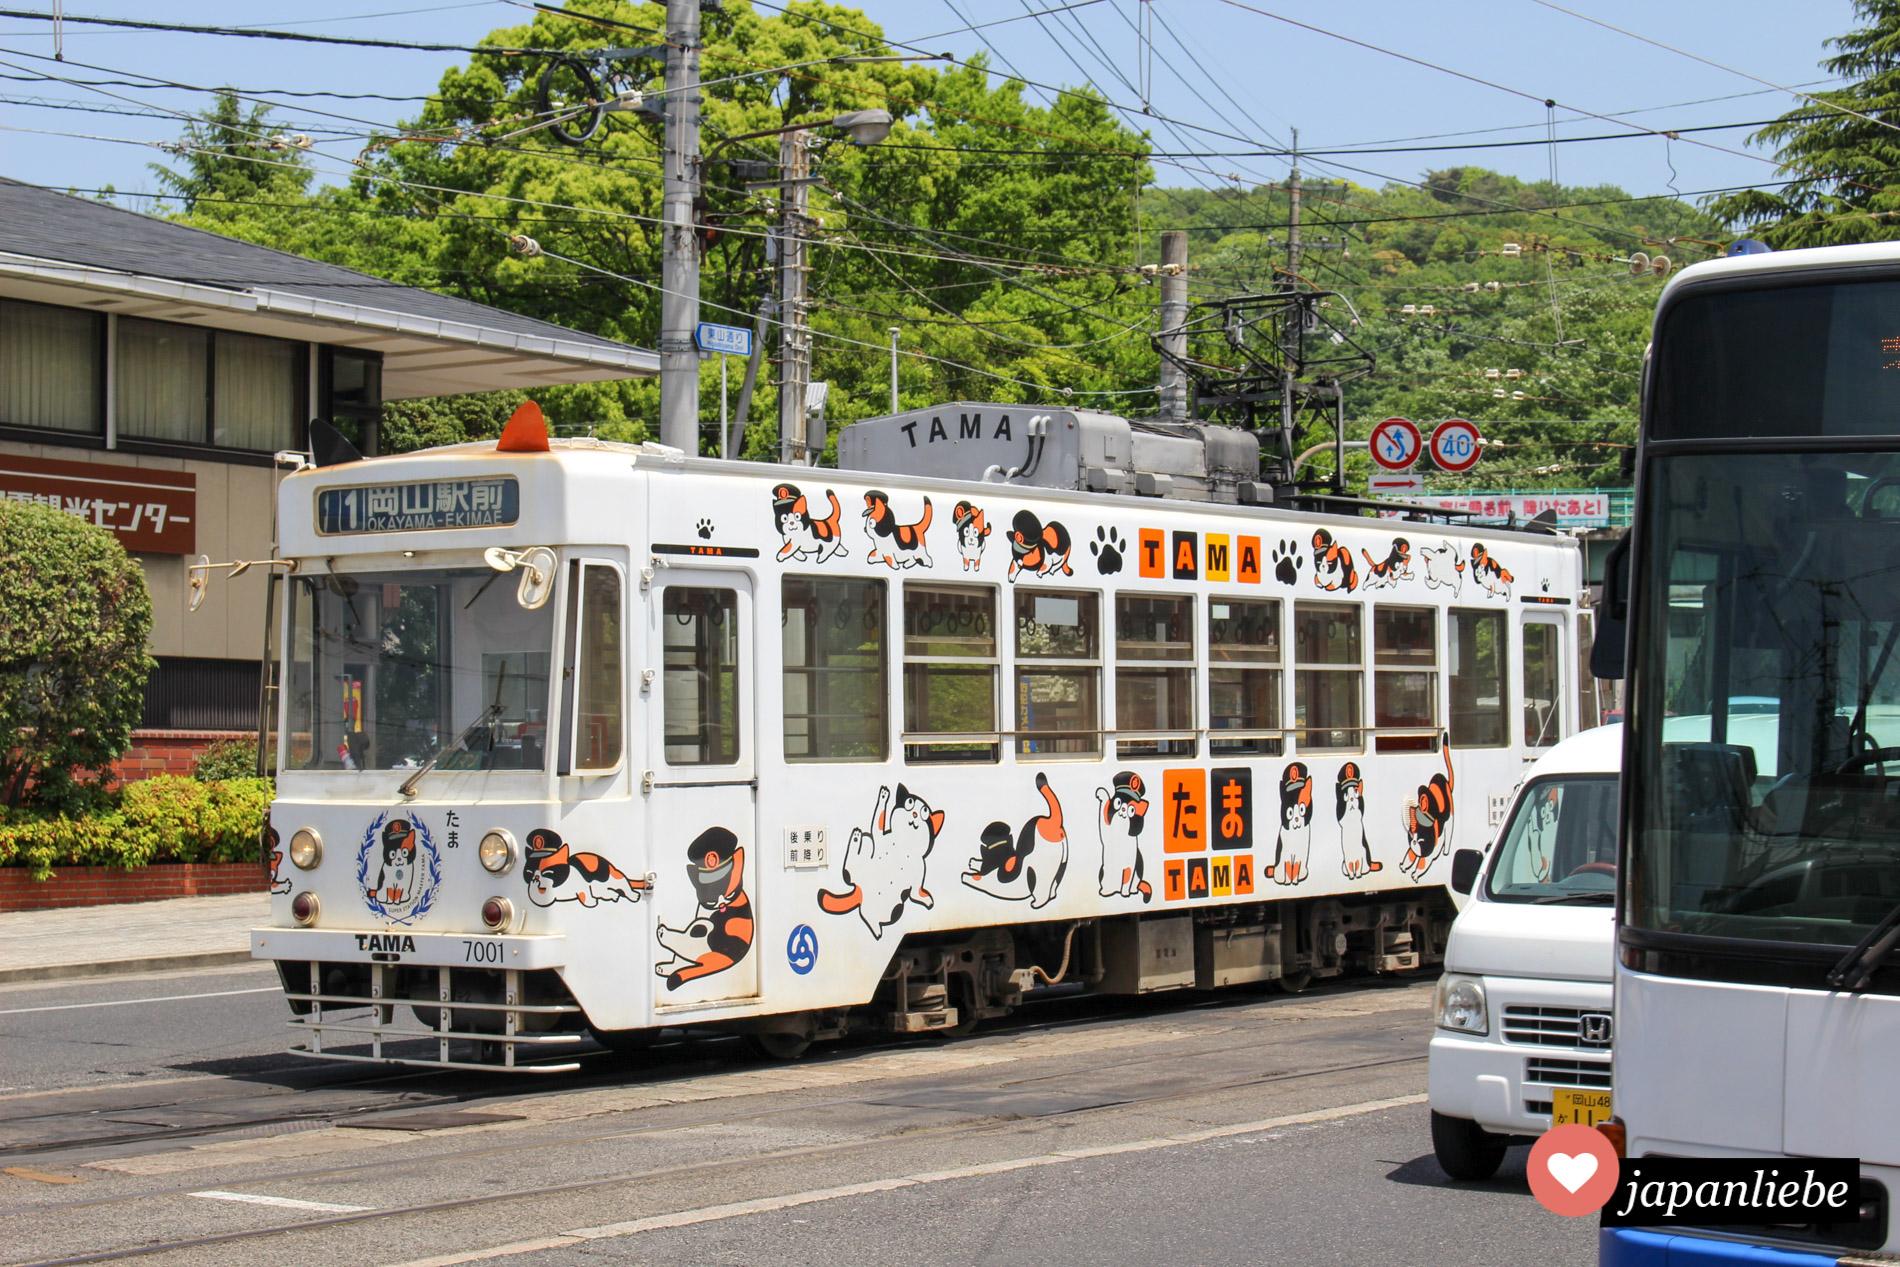 Sogar in Okayama gibt es eine Trambahn in Tama-Design.